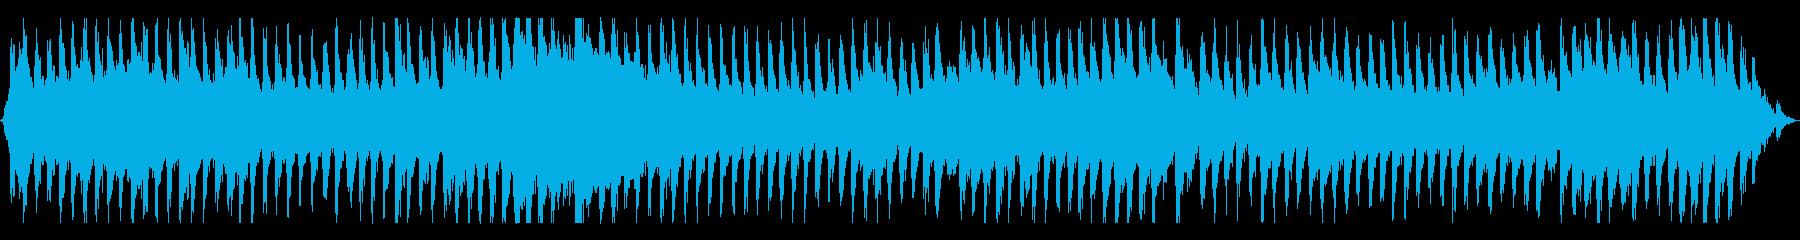 迫りくるガーンガーンという金属音2の再生済みの波形